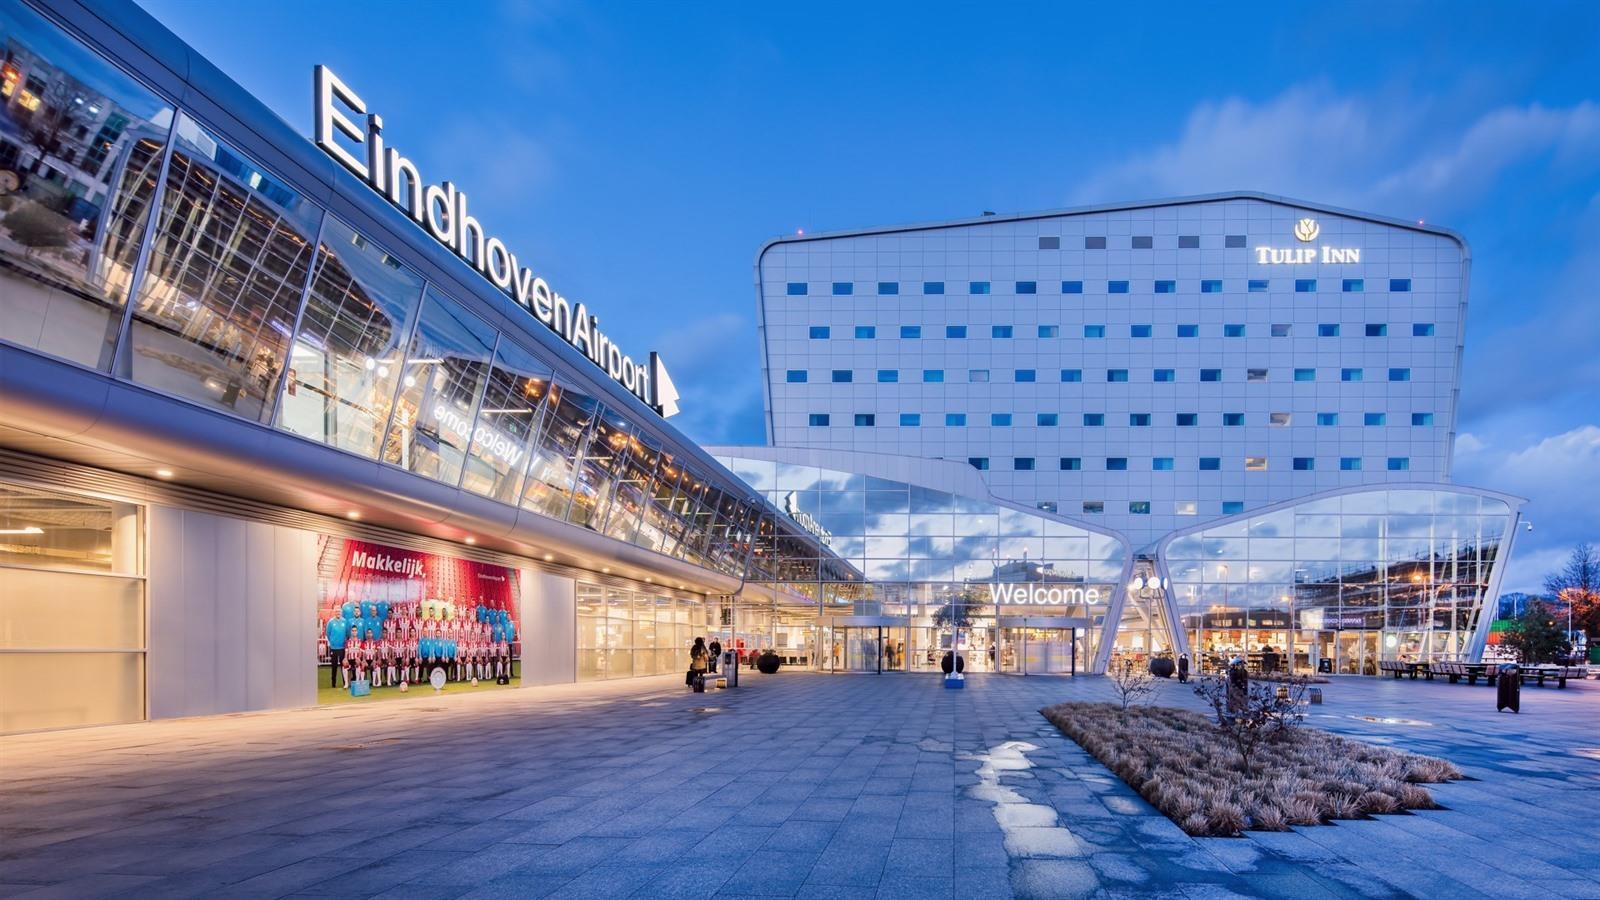 Parkeren op luchthaven Eindhoven? Prijzen + gratis en goedkope alternatieven